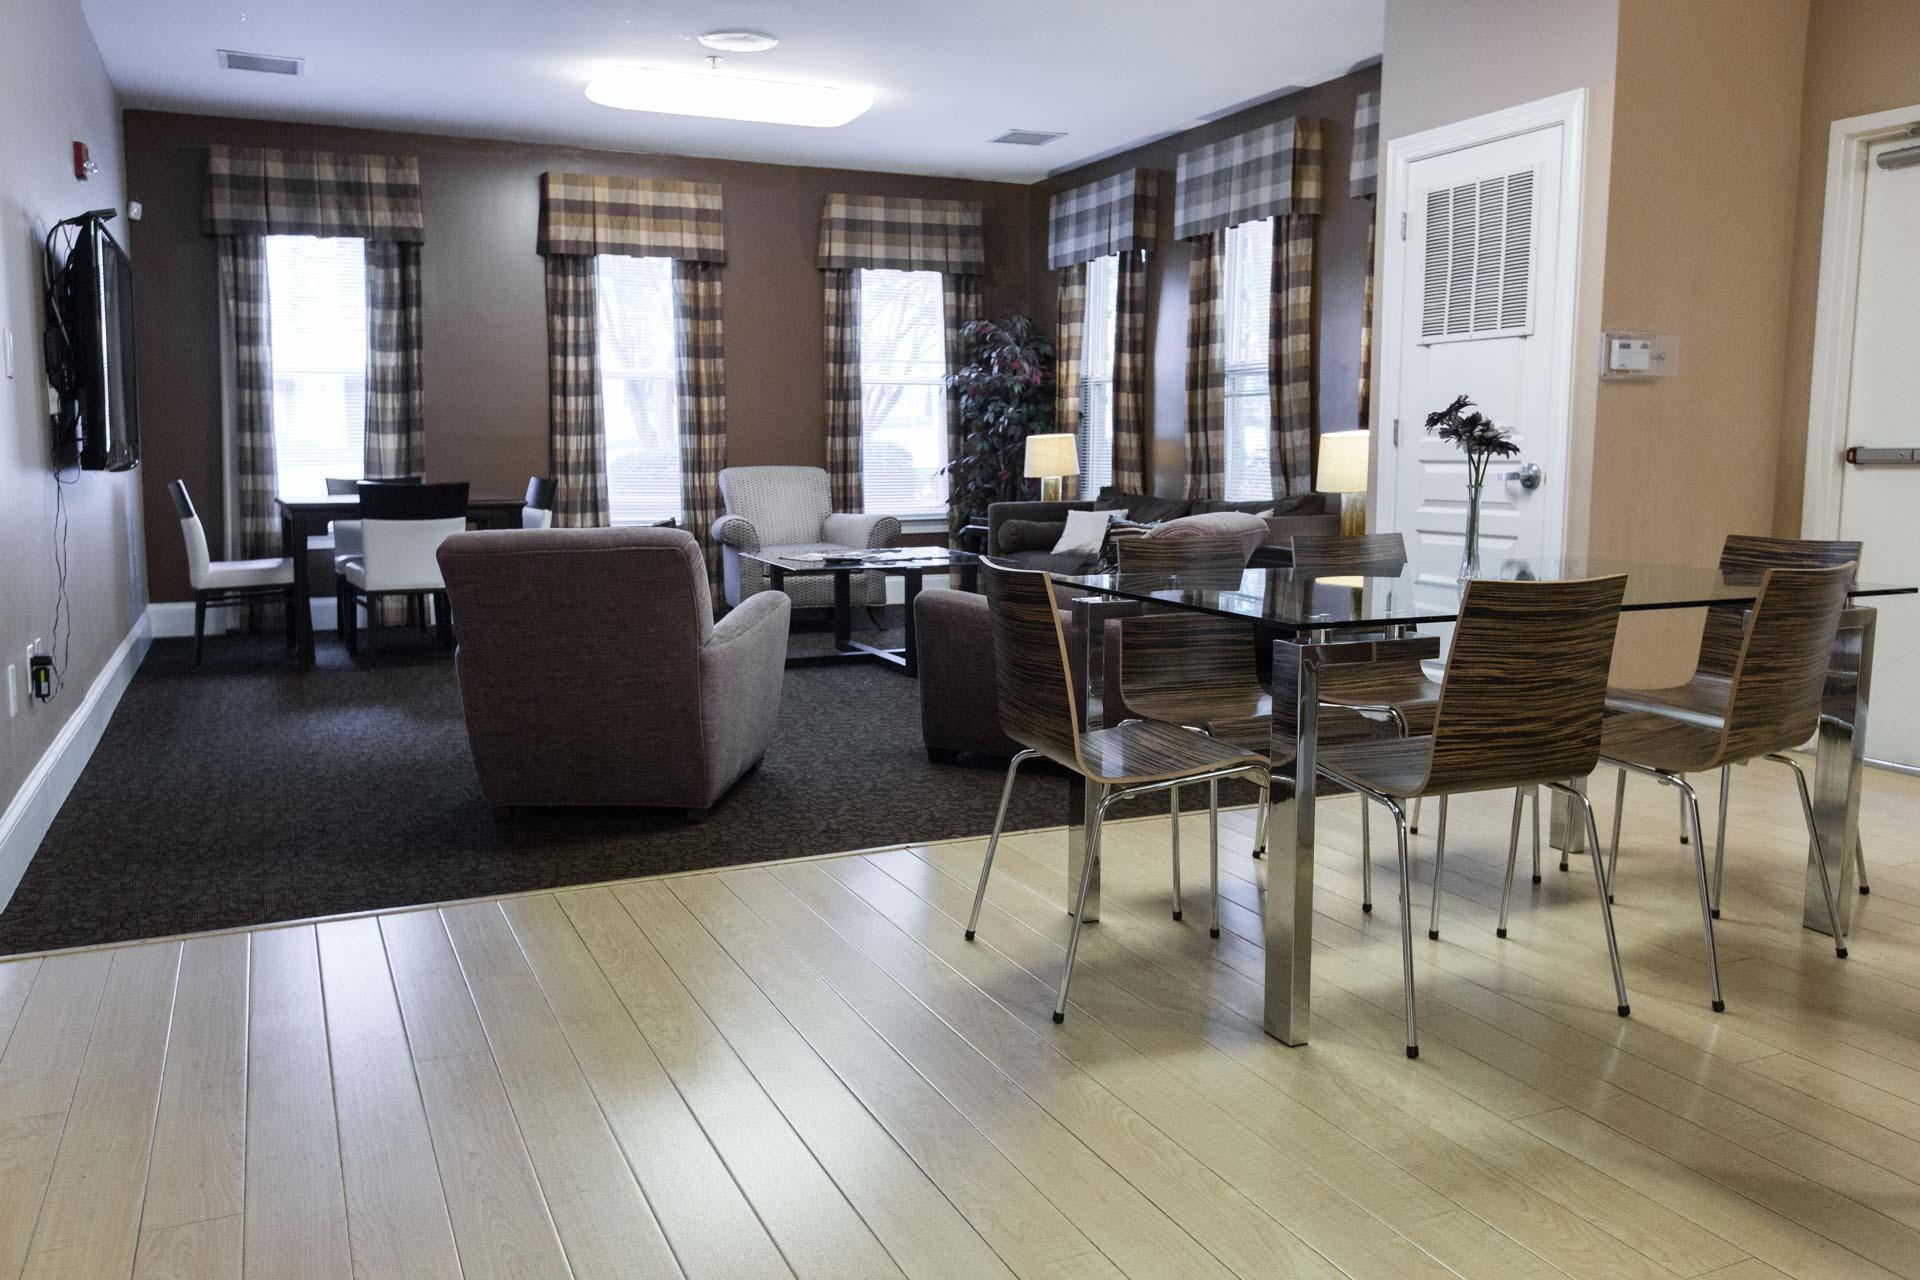 Class A Condominium Flooring